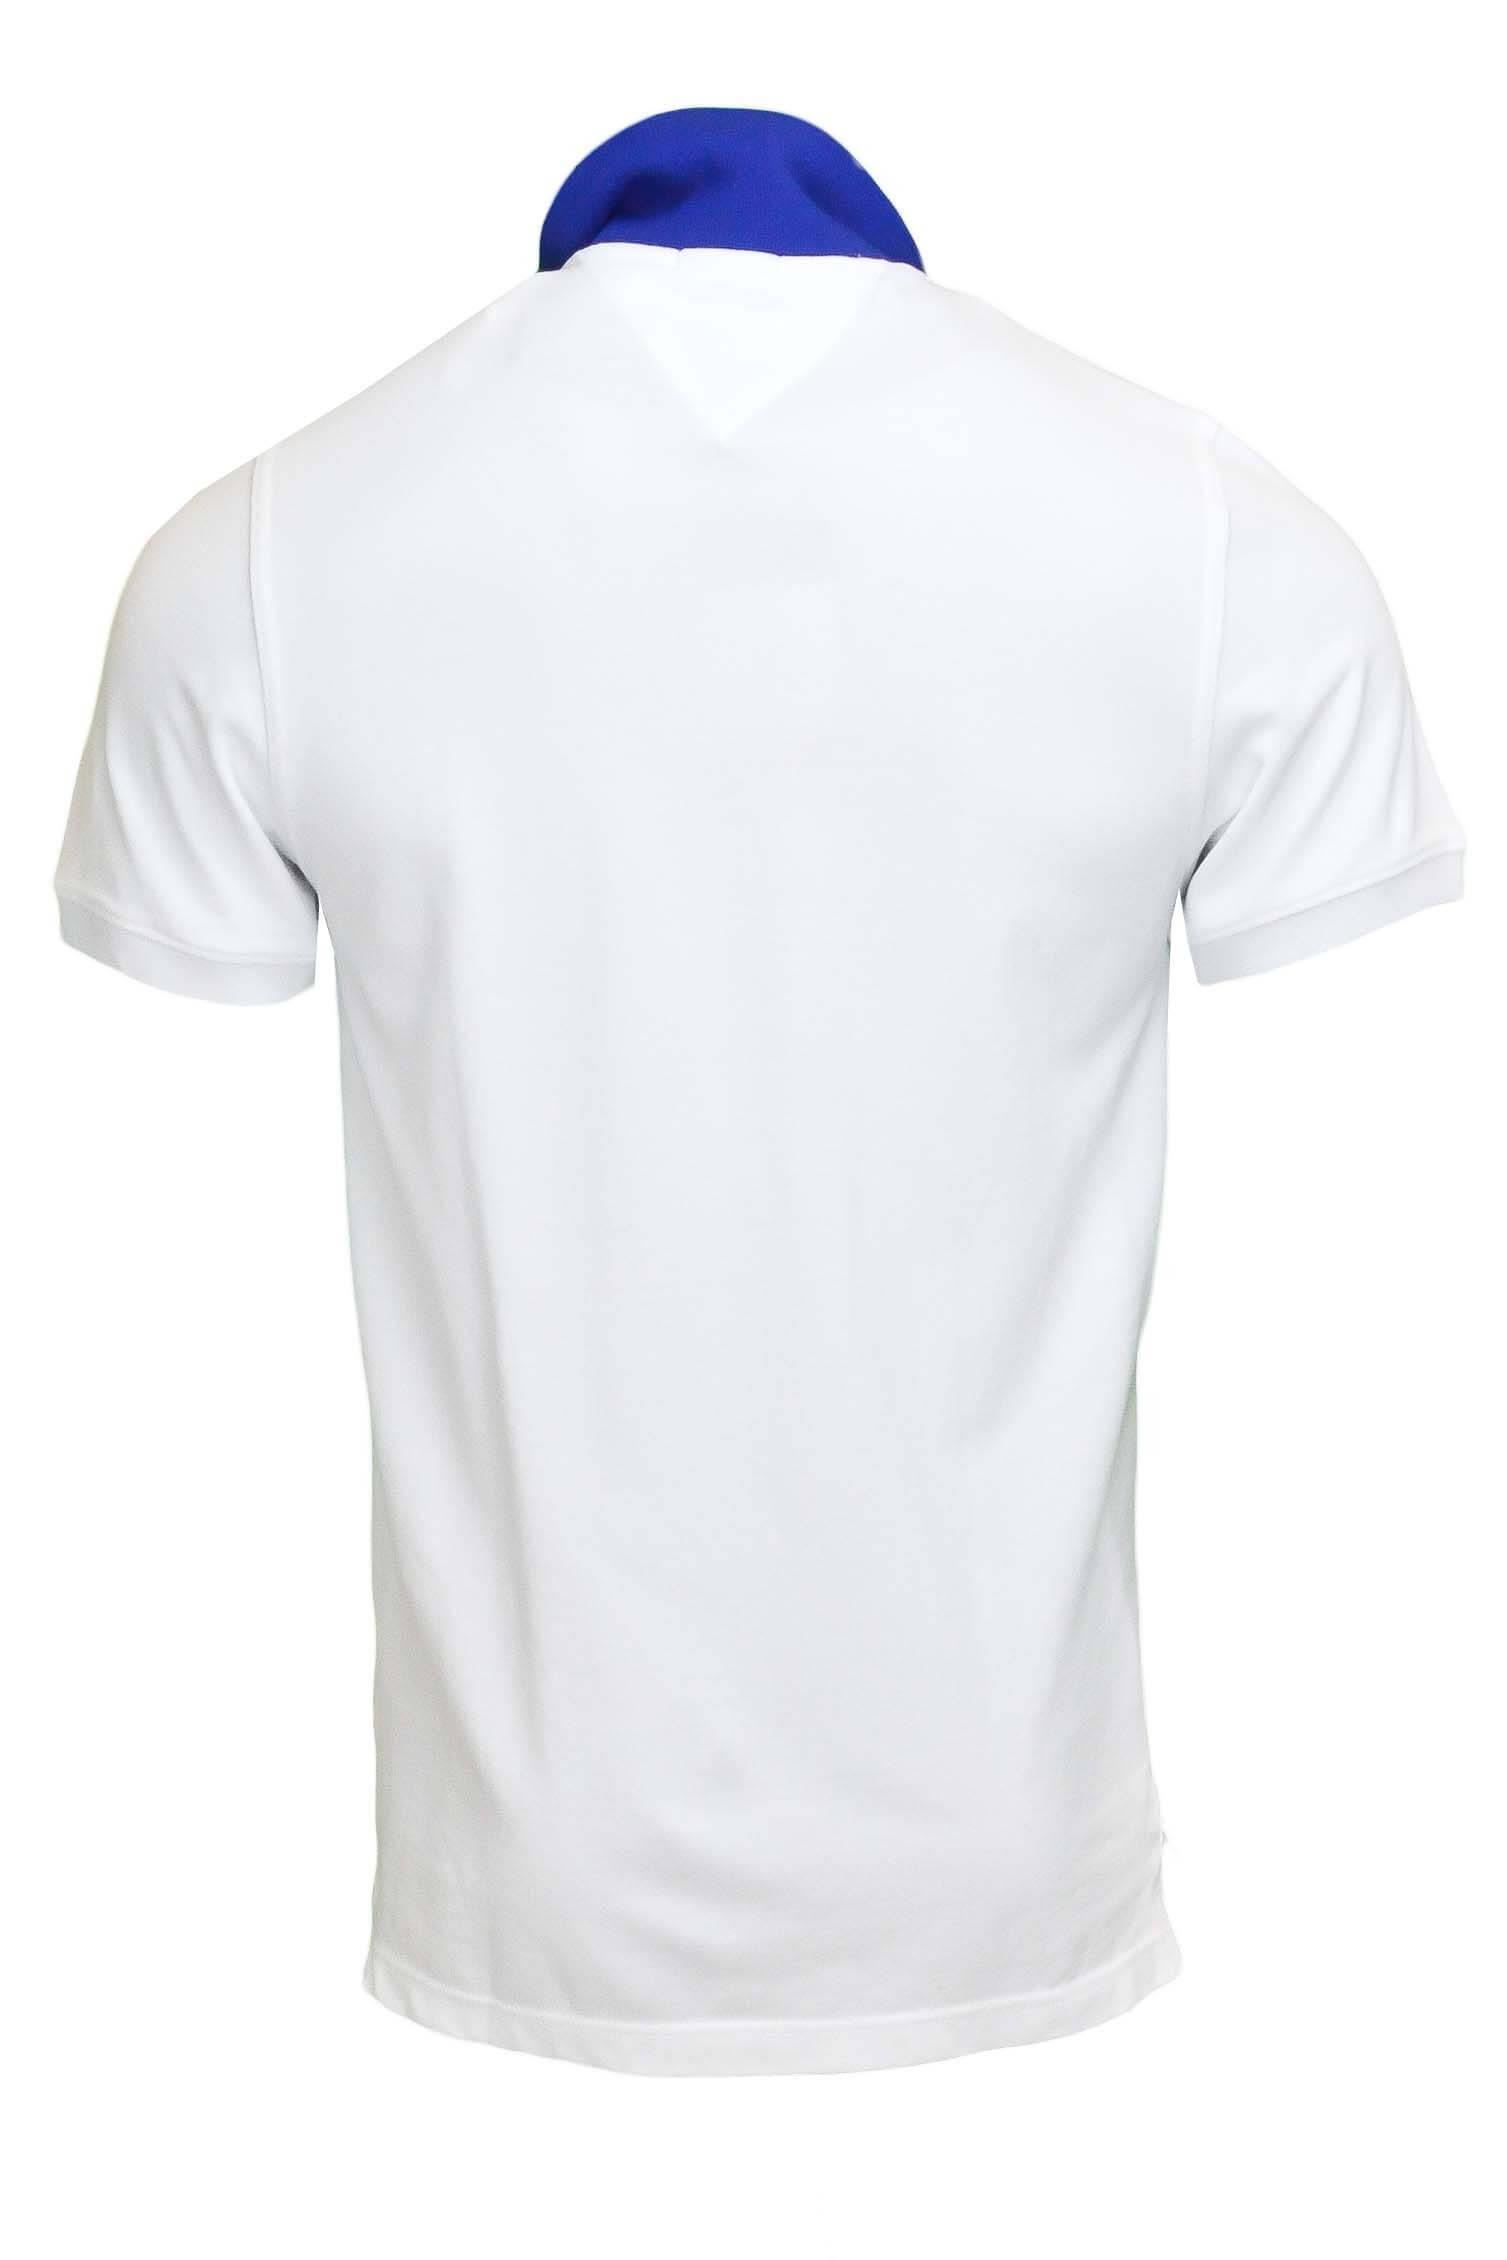 Polo Tommy Hilfiger Denim Badge Blanc